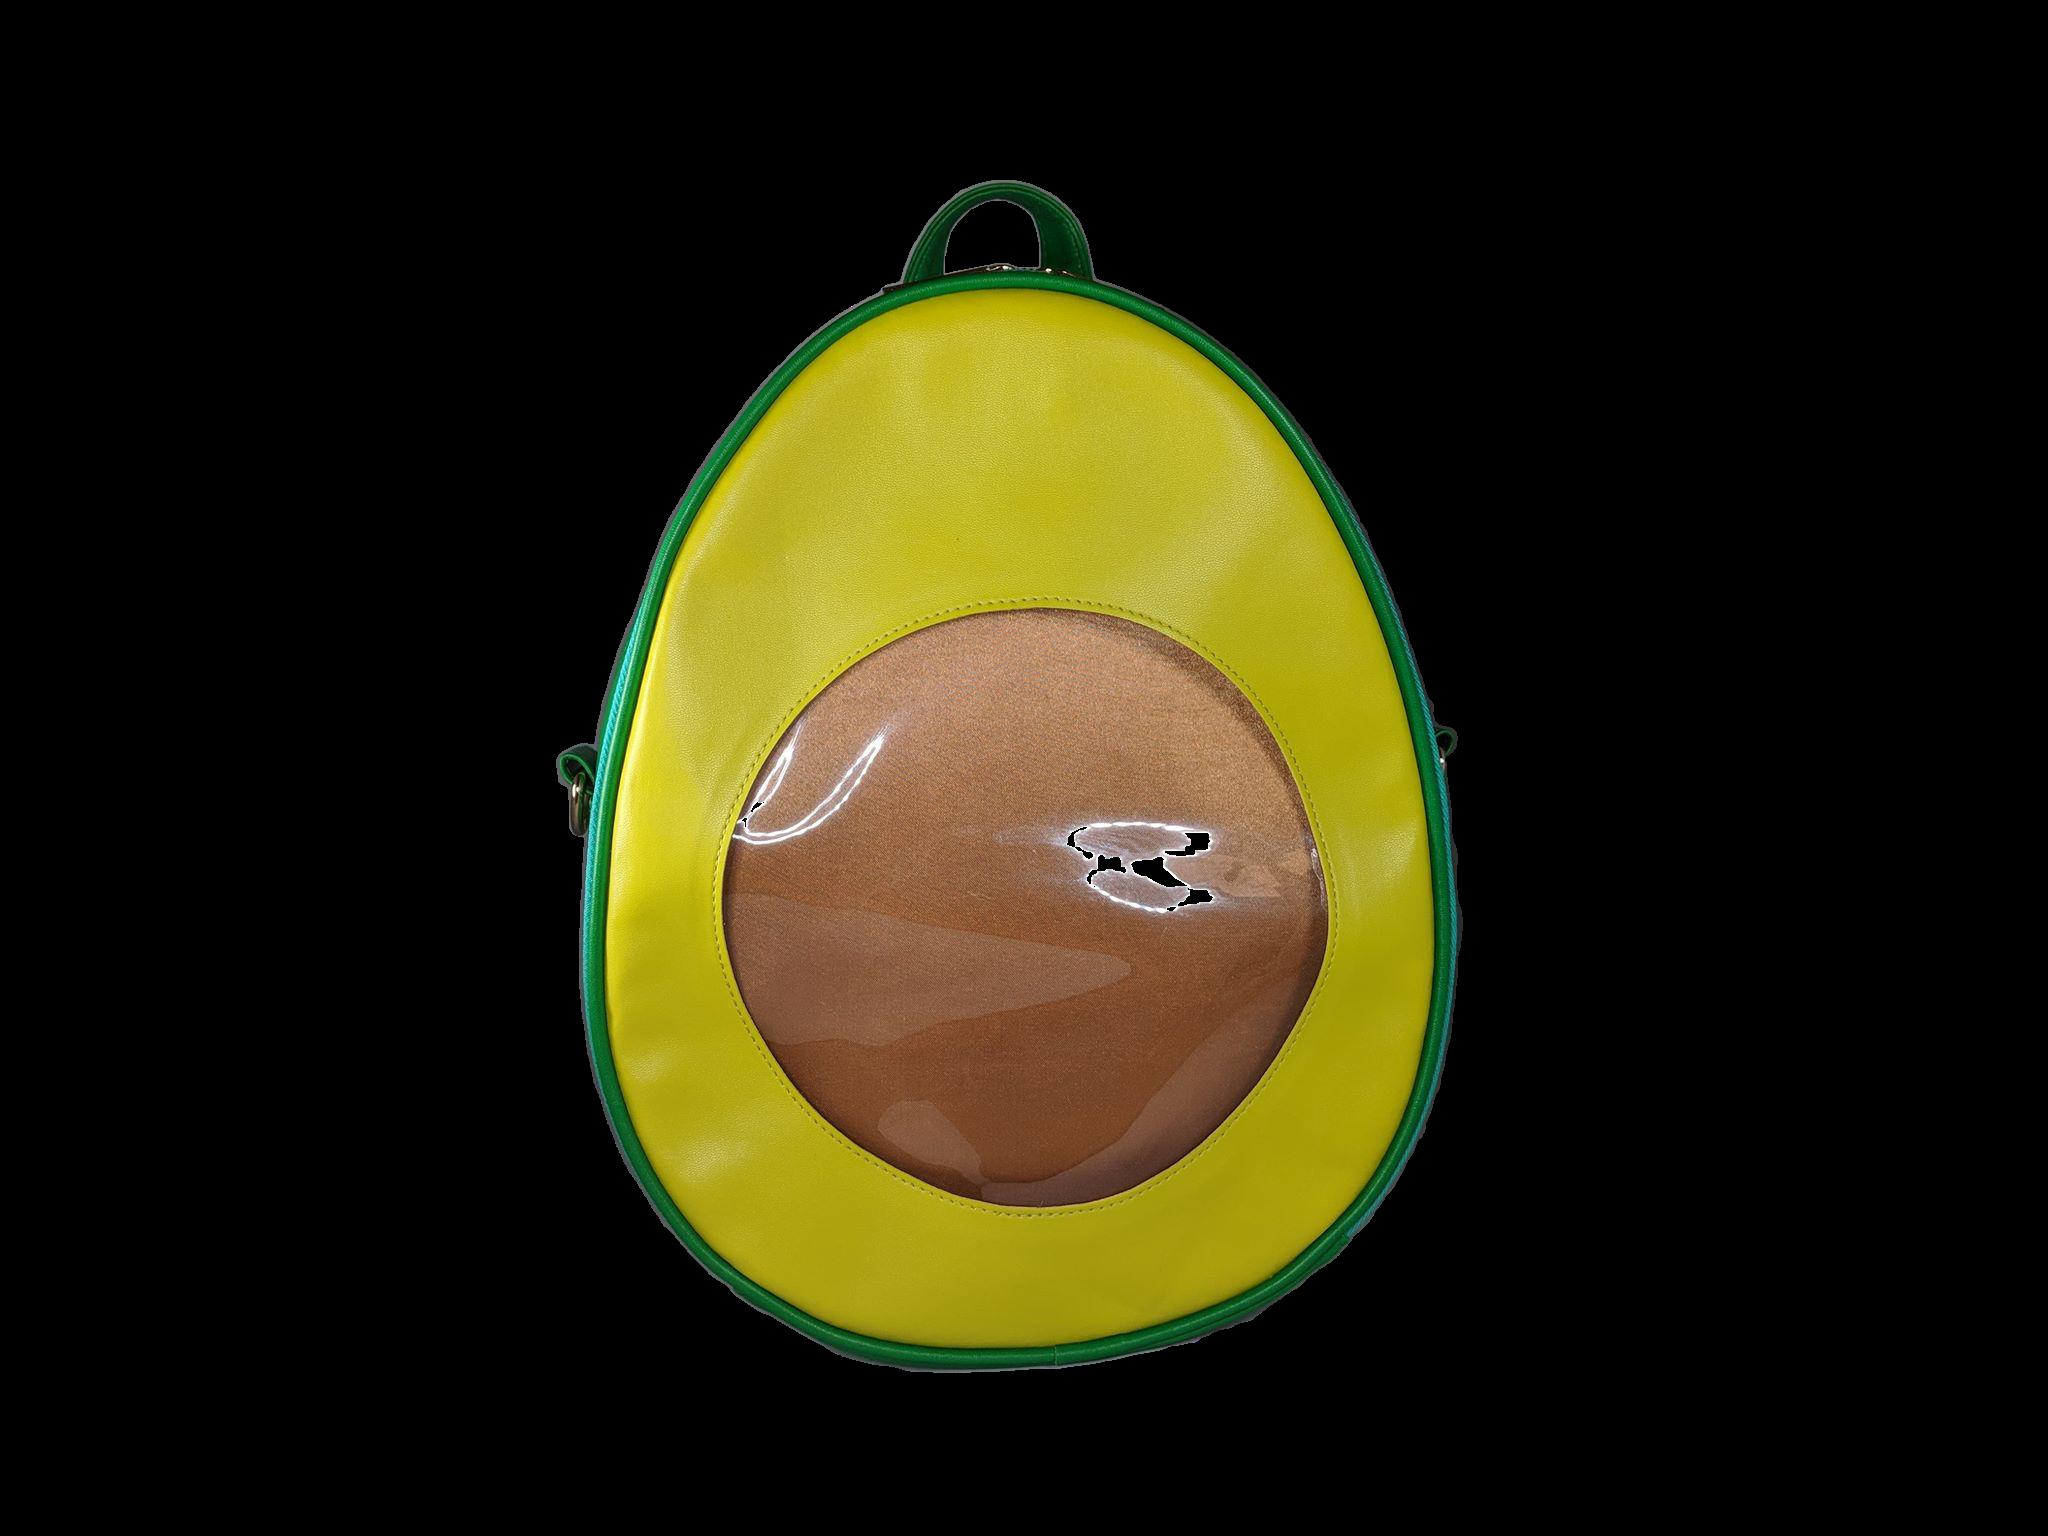 ♡ Miju Miju Avocado Ita Bag ♡ — NattyCat